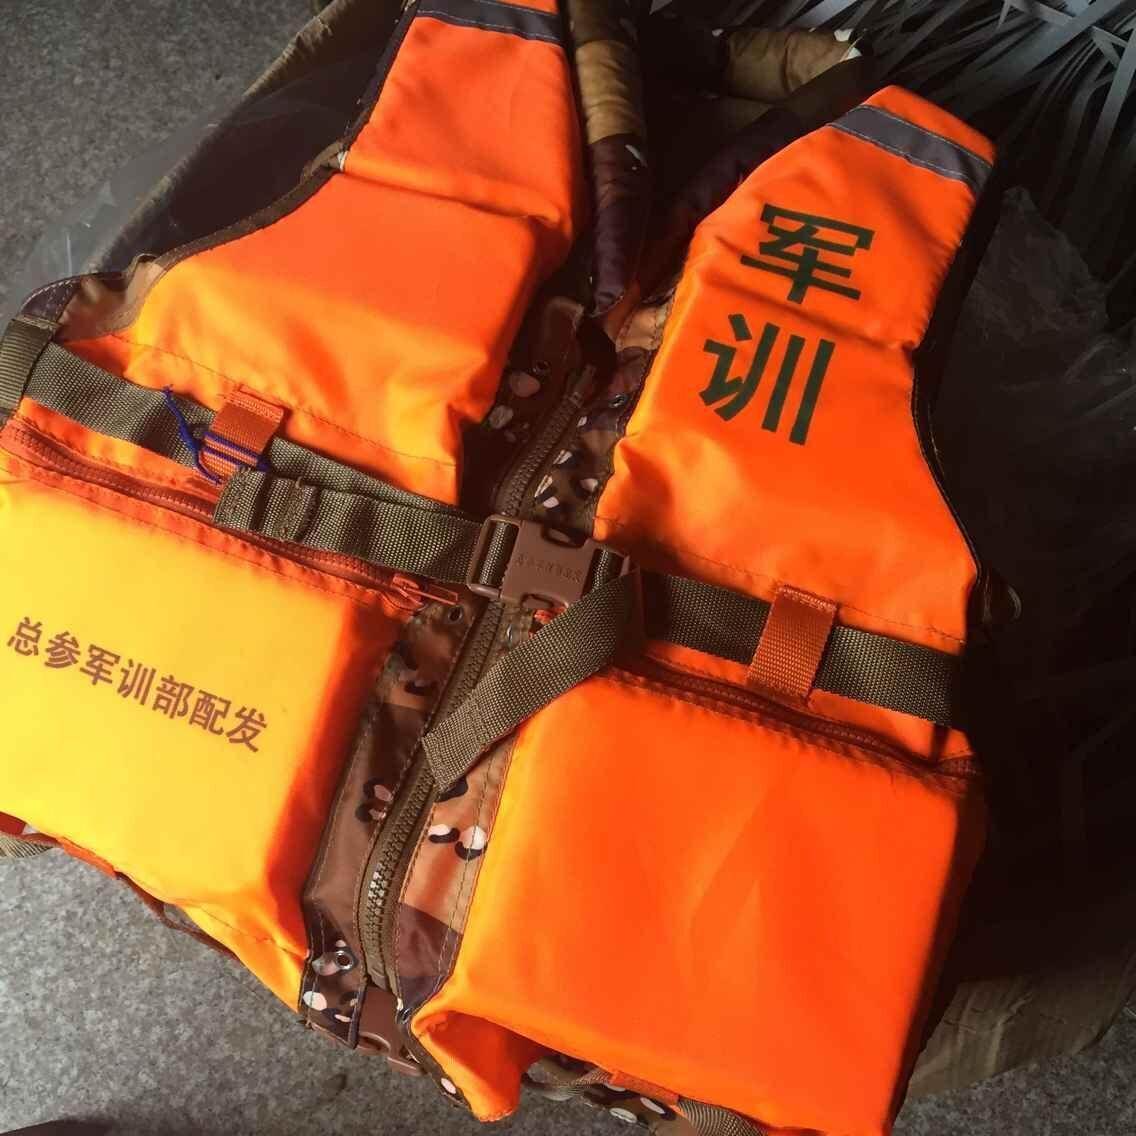 一般使用年限为5-7年,是船上,飞机上的救生设备之一.